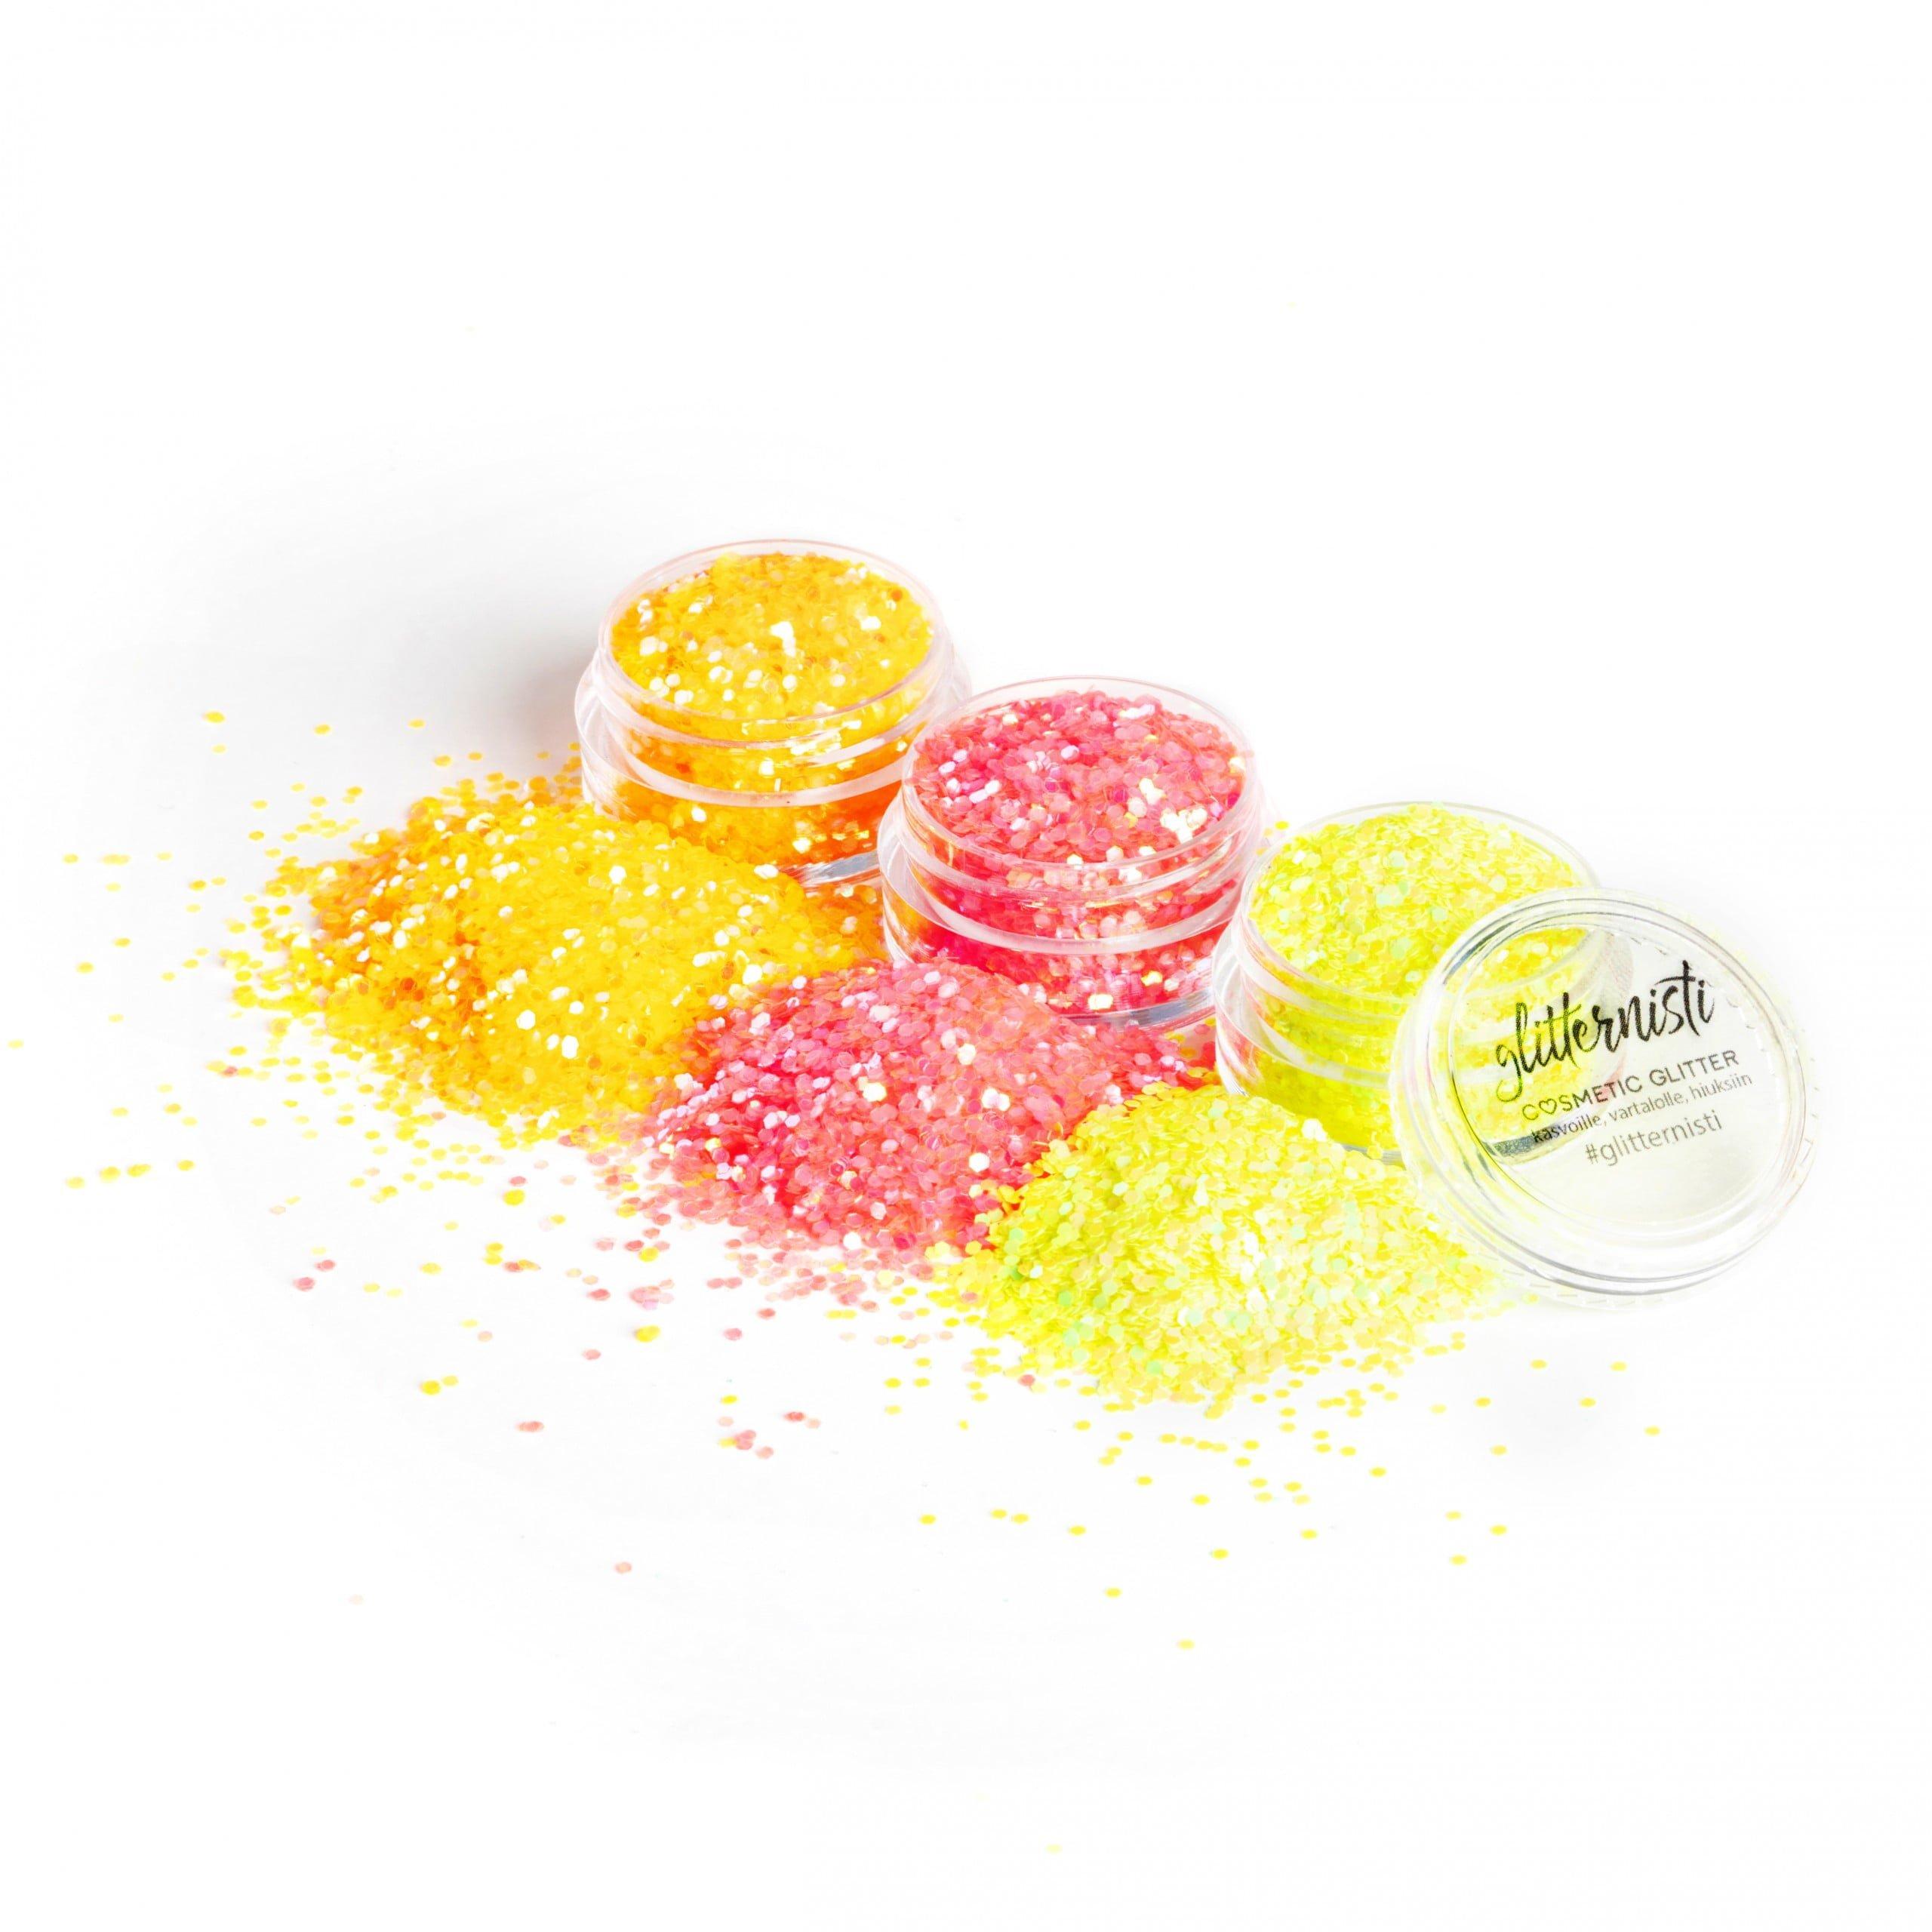 Neon glittersetti sisältää kolme kosmetiikka glitteriä.